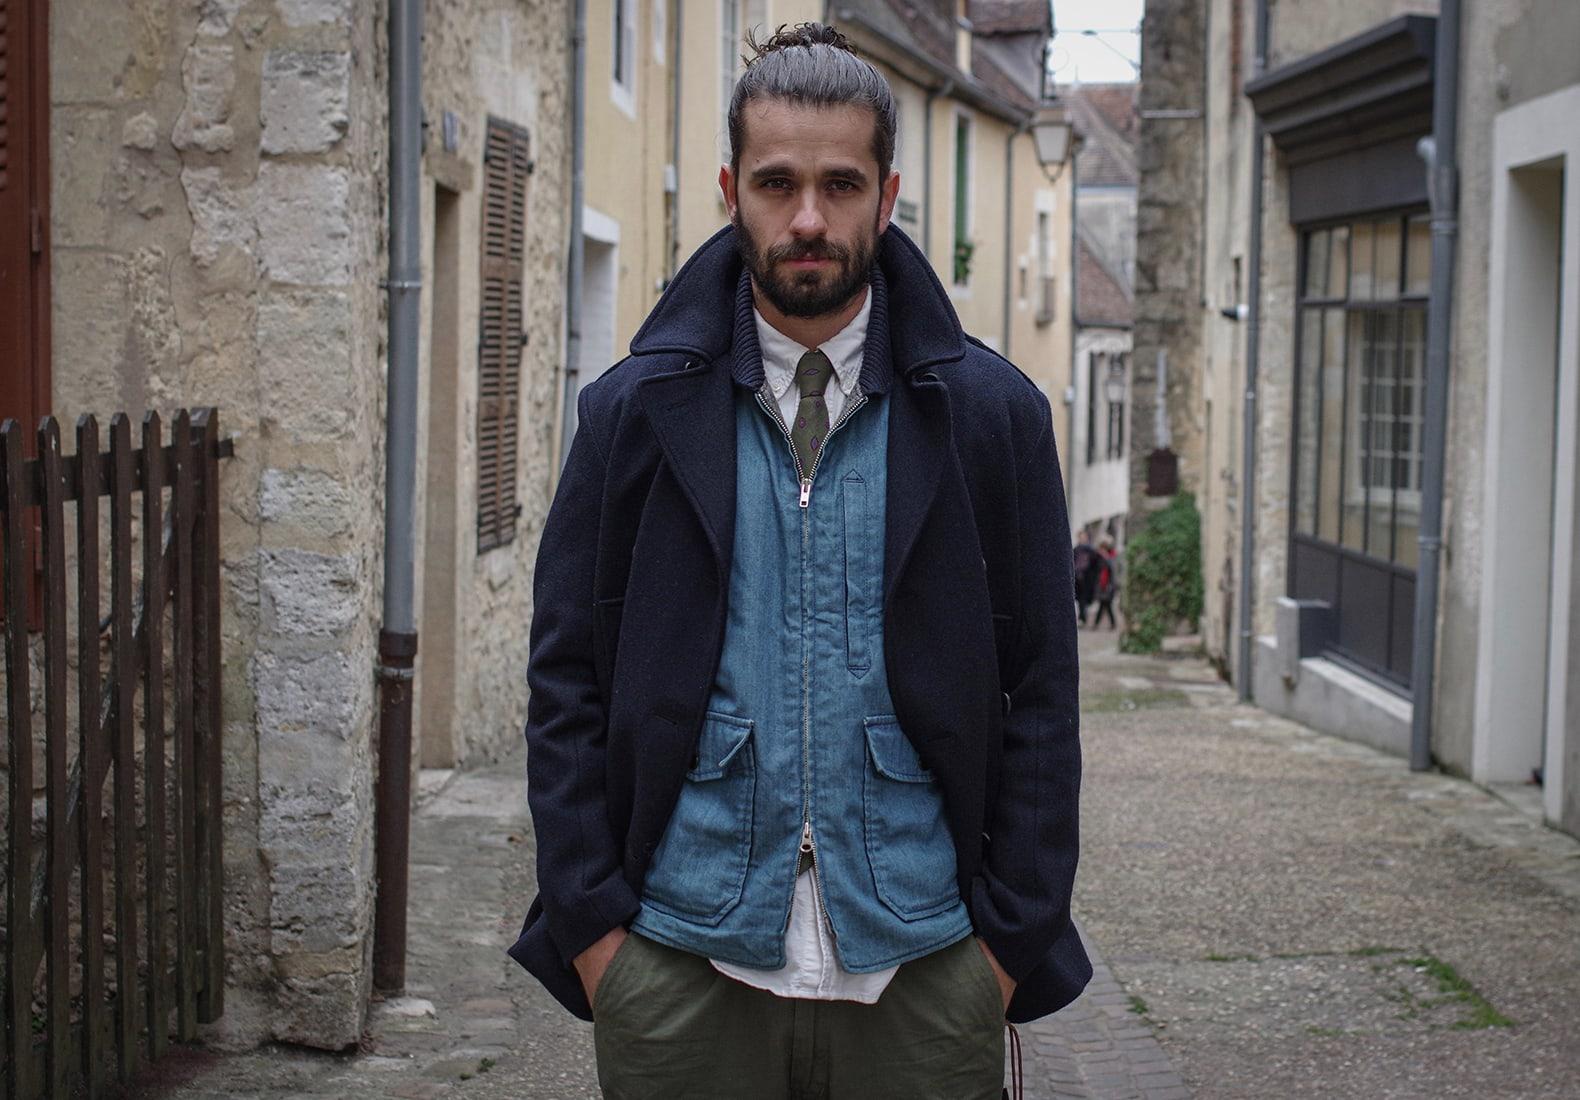 caban bleu homme frenchaholic et gilet engineered garments cravate laeyring